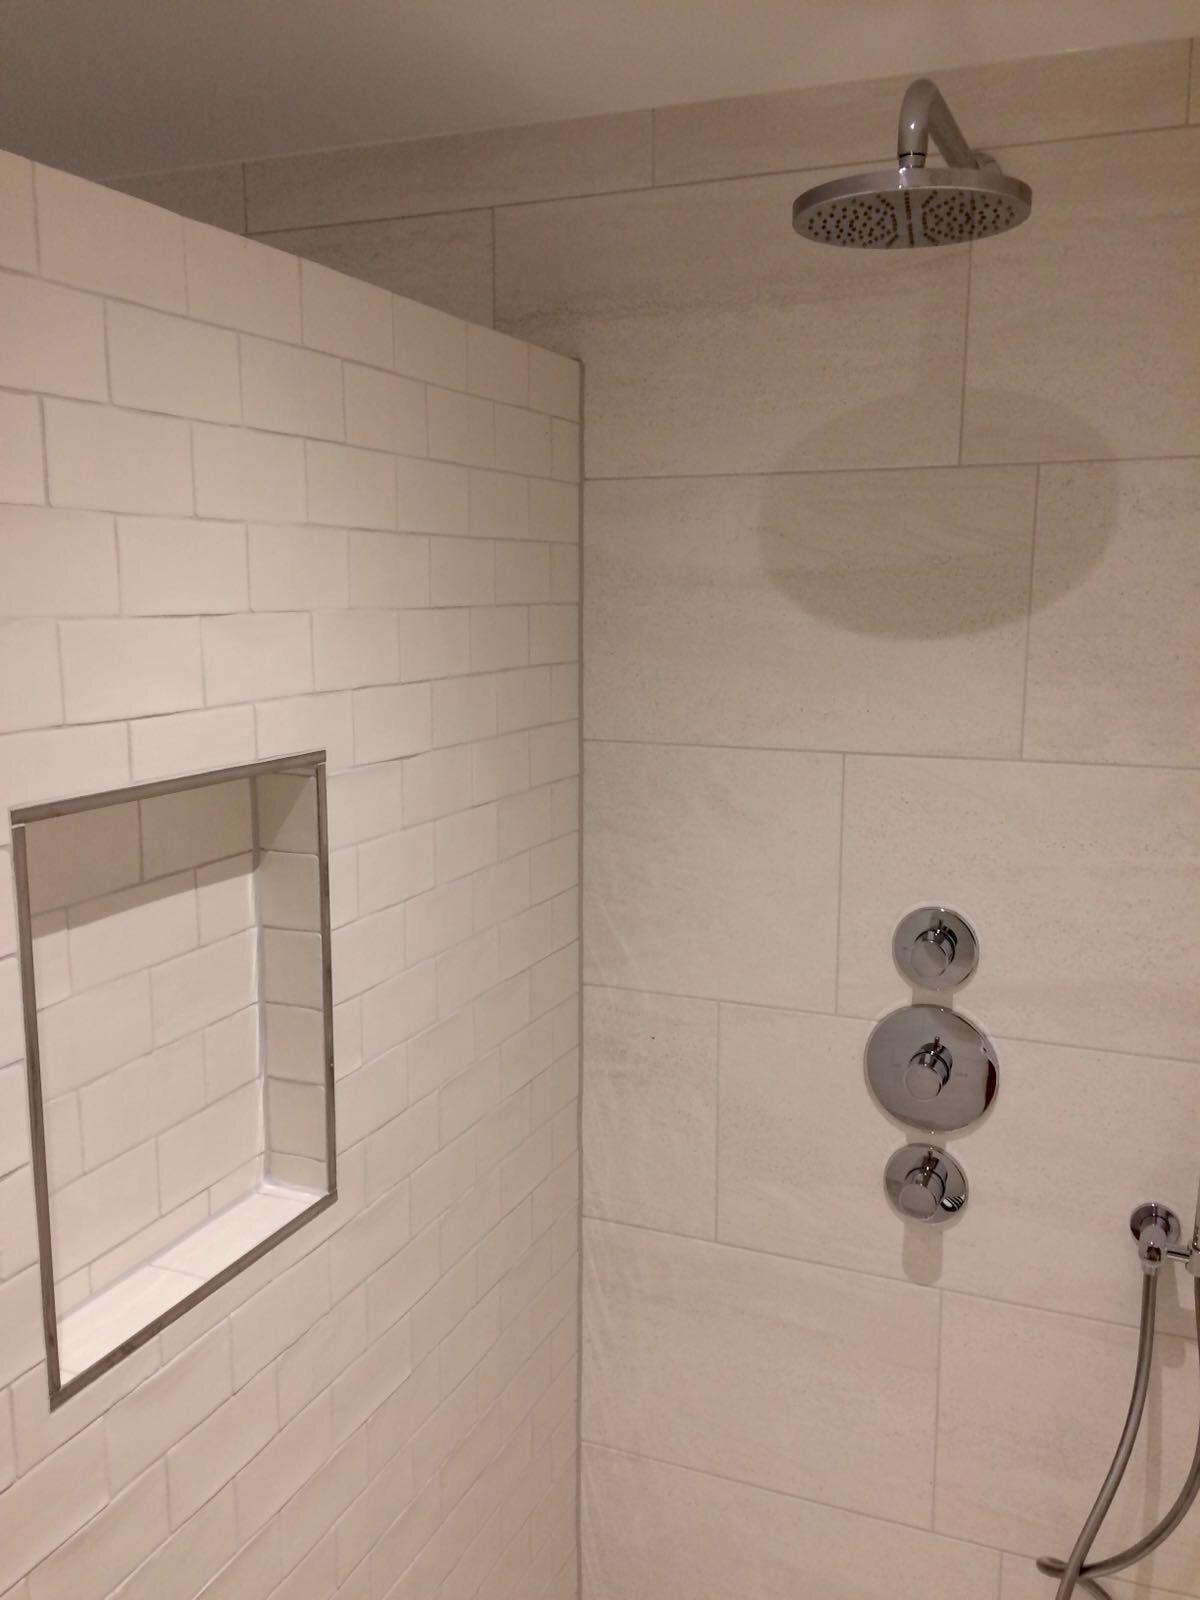 Nis in douche met handgevormde tegels | Badkamer tegels | Pinterest